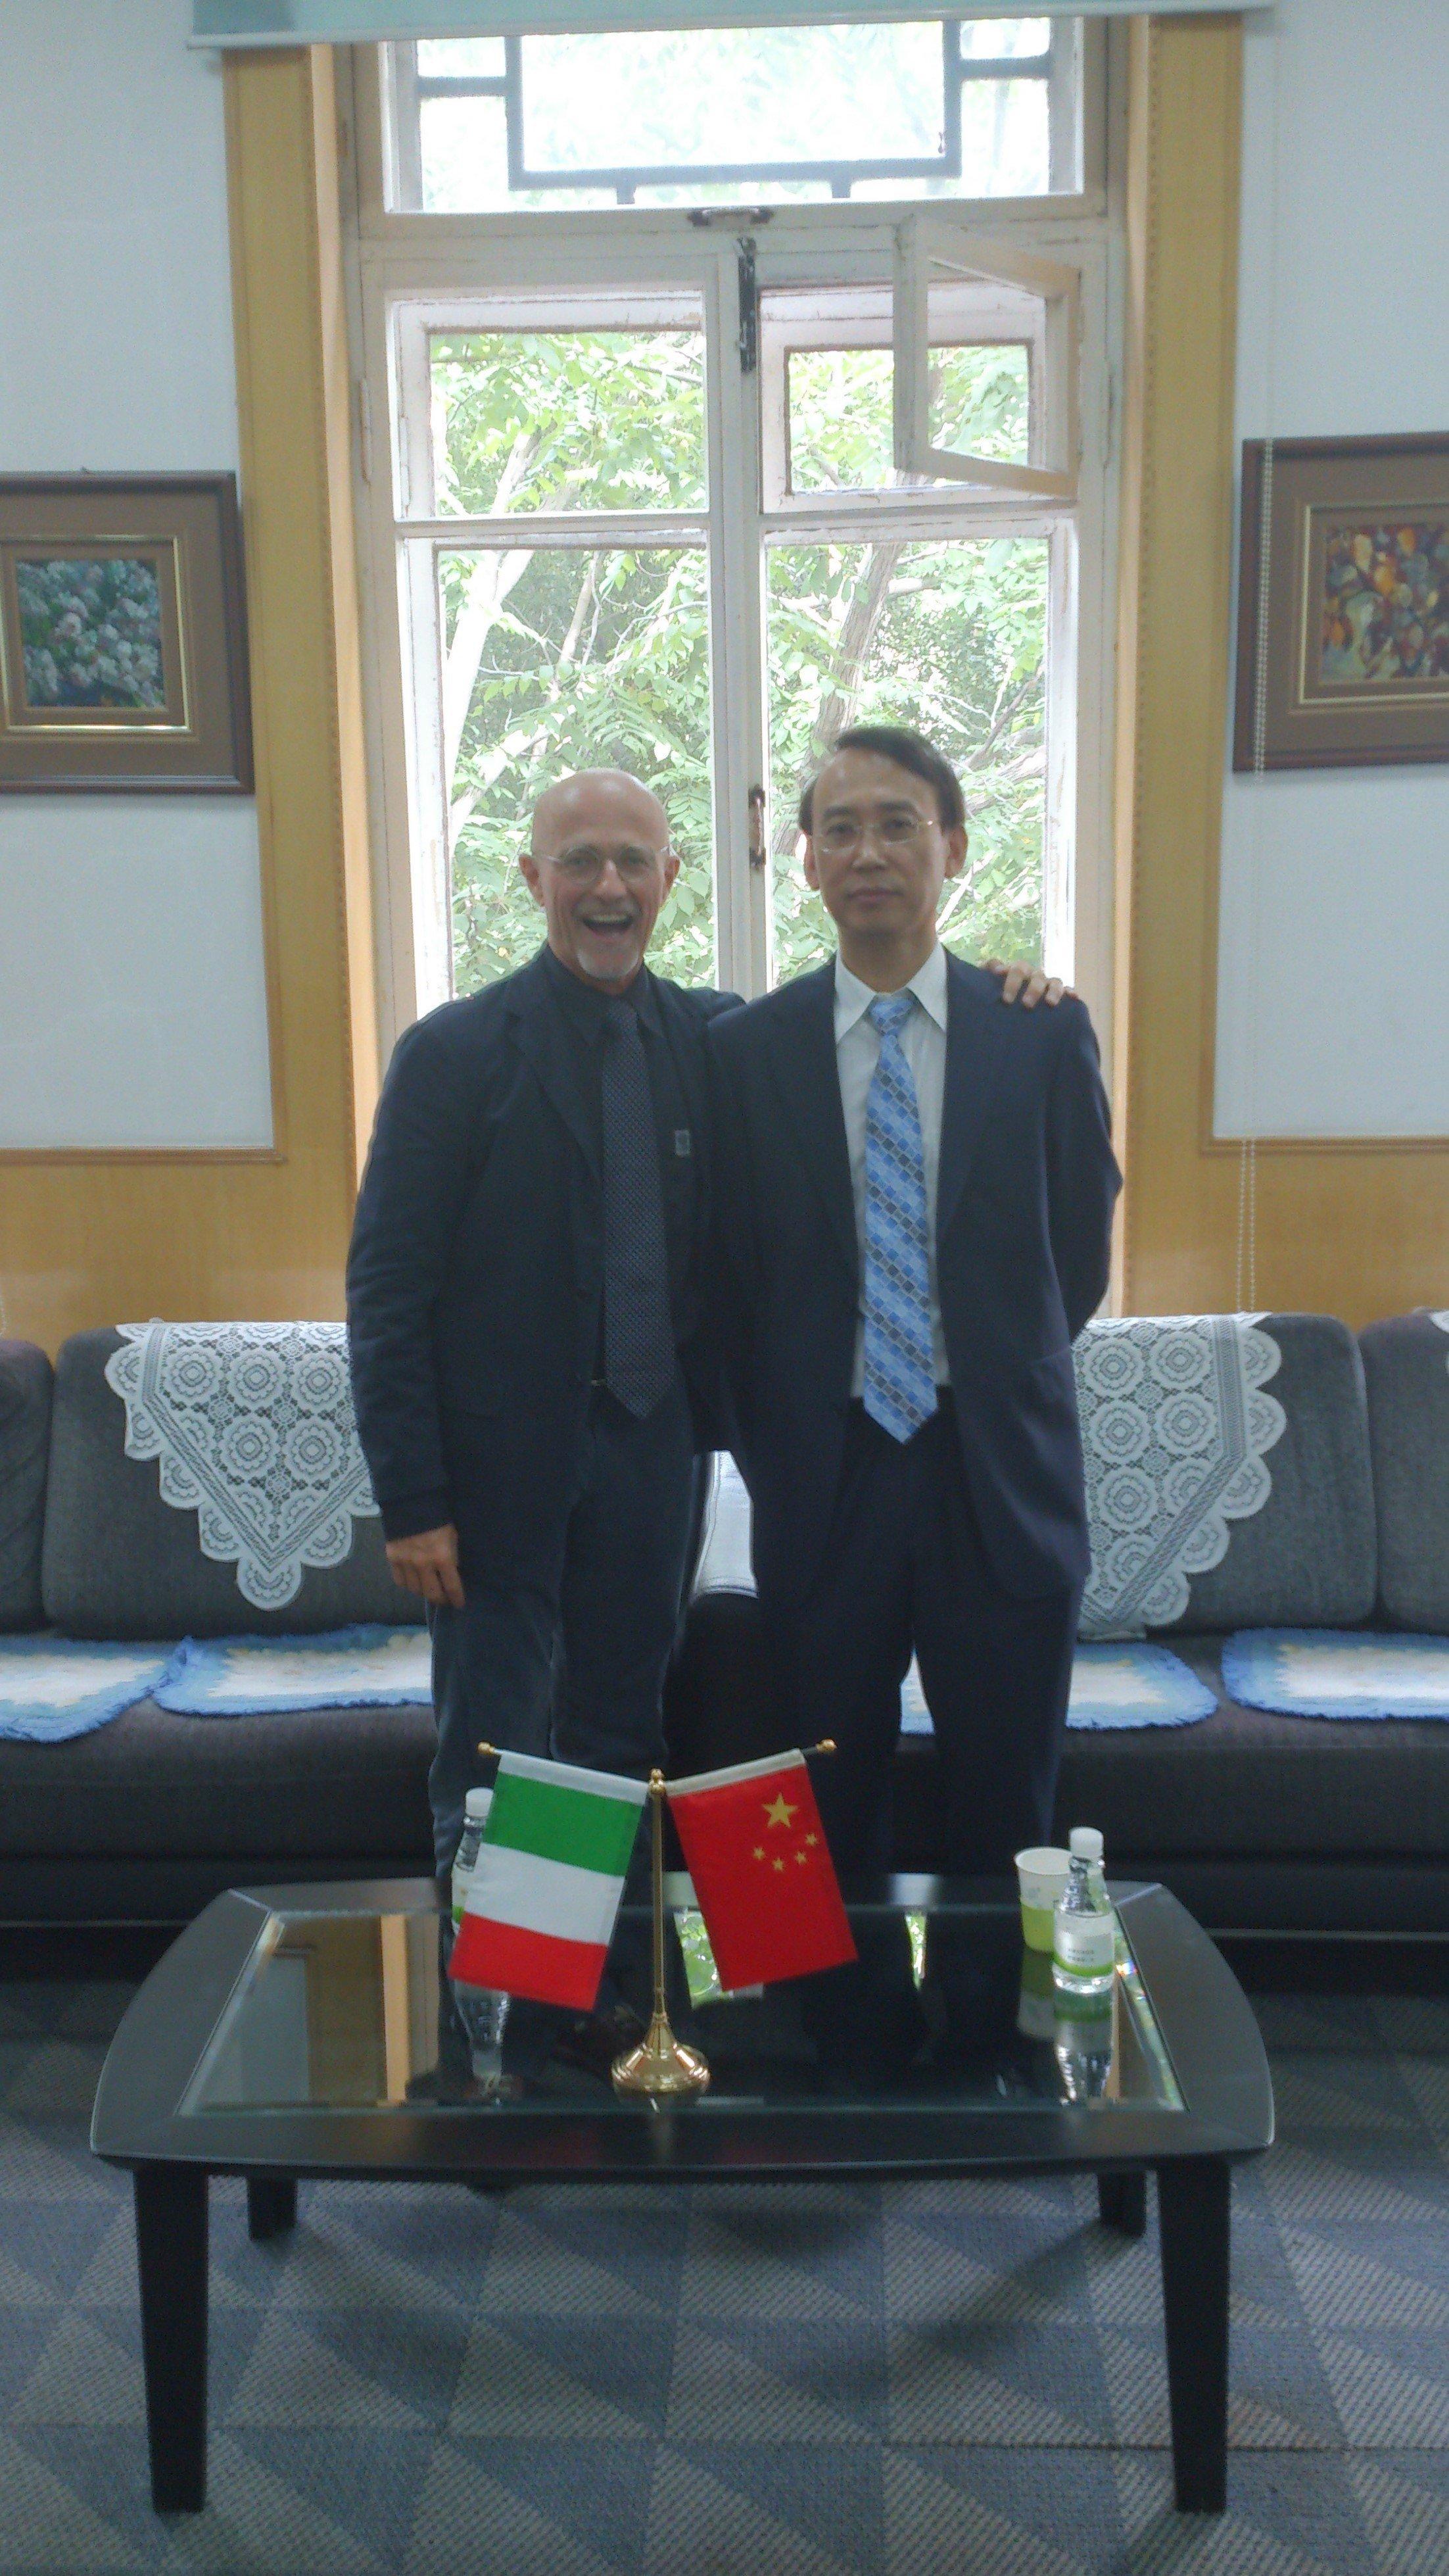 Sergio Canavero y Xiaoping Ren